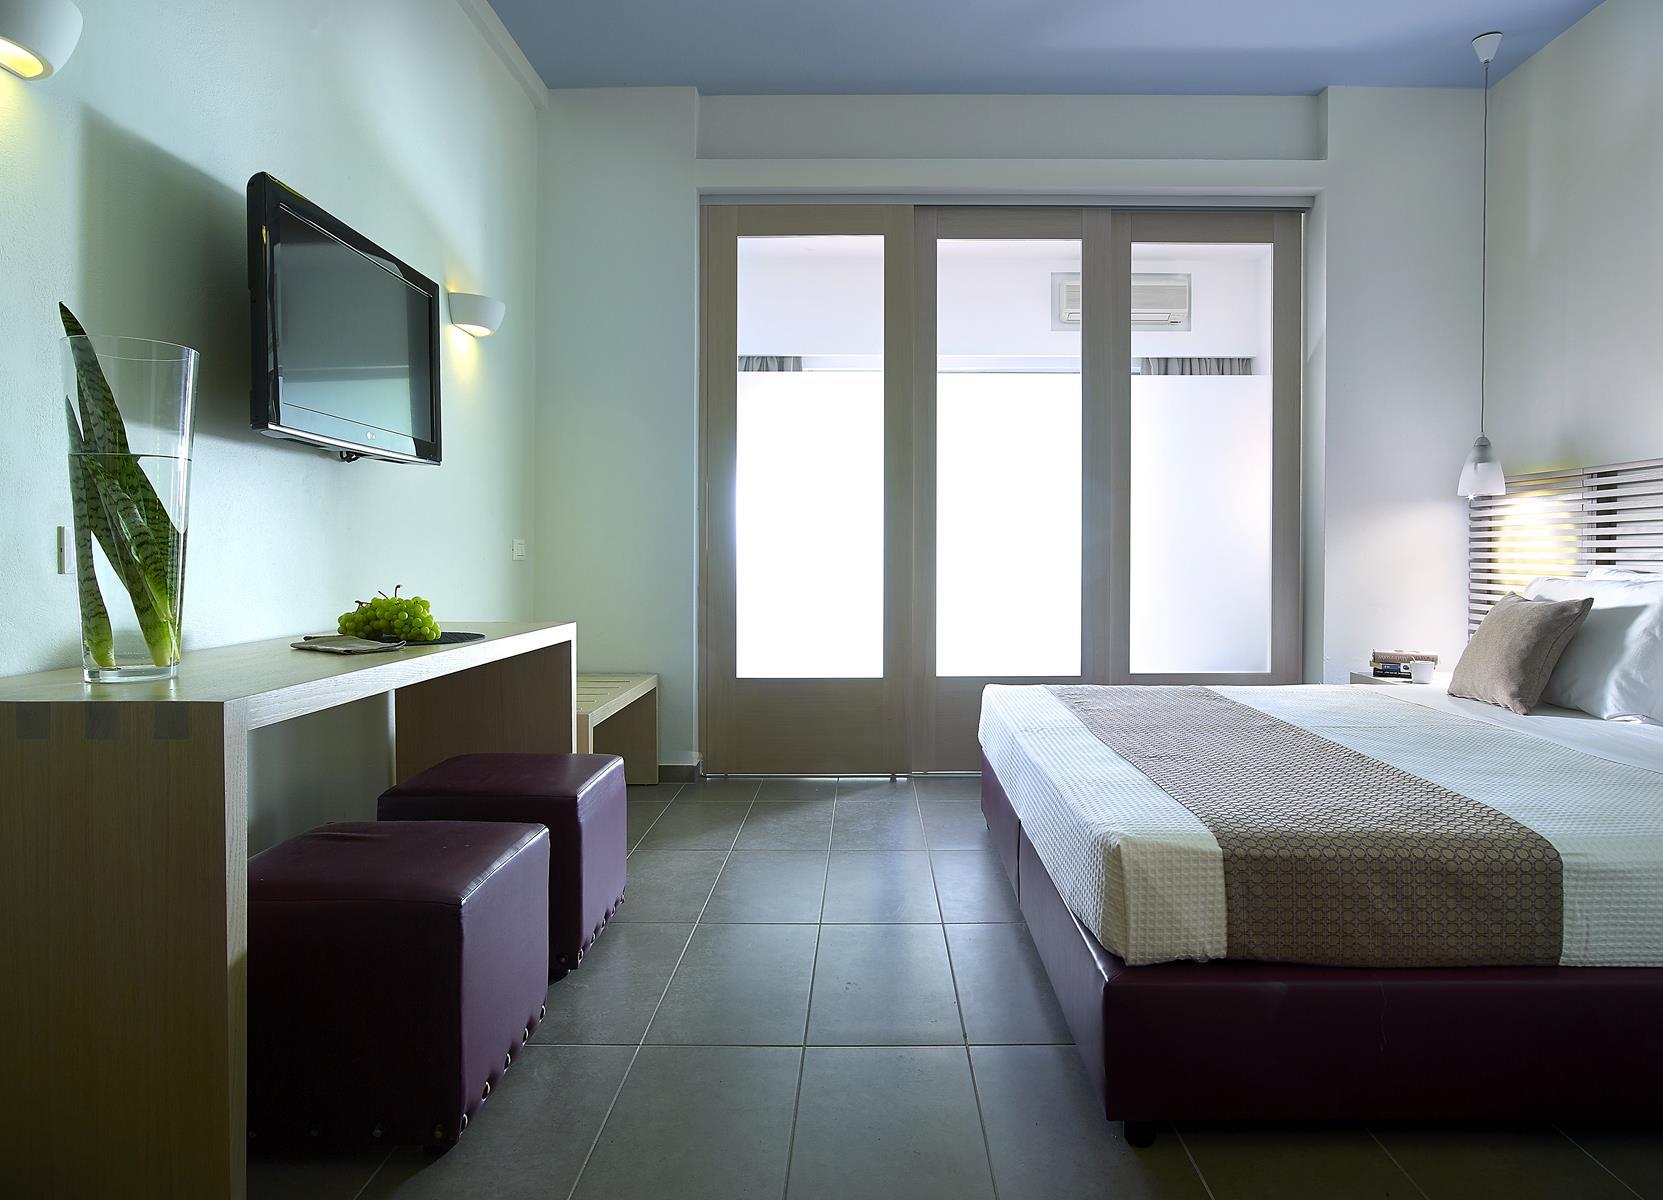 Luxury Stay Crete   Kakos Bay Hotel   Ierapetra, Crete, Greece